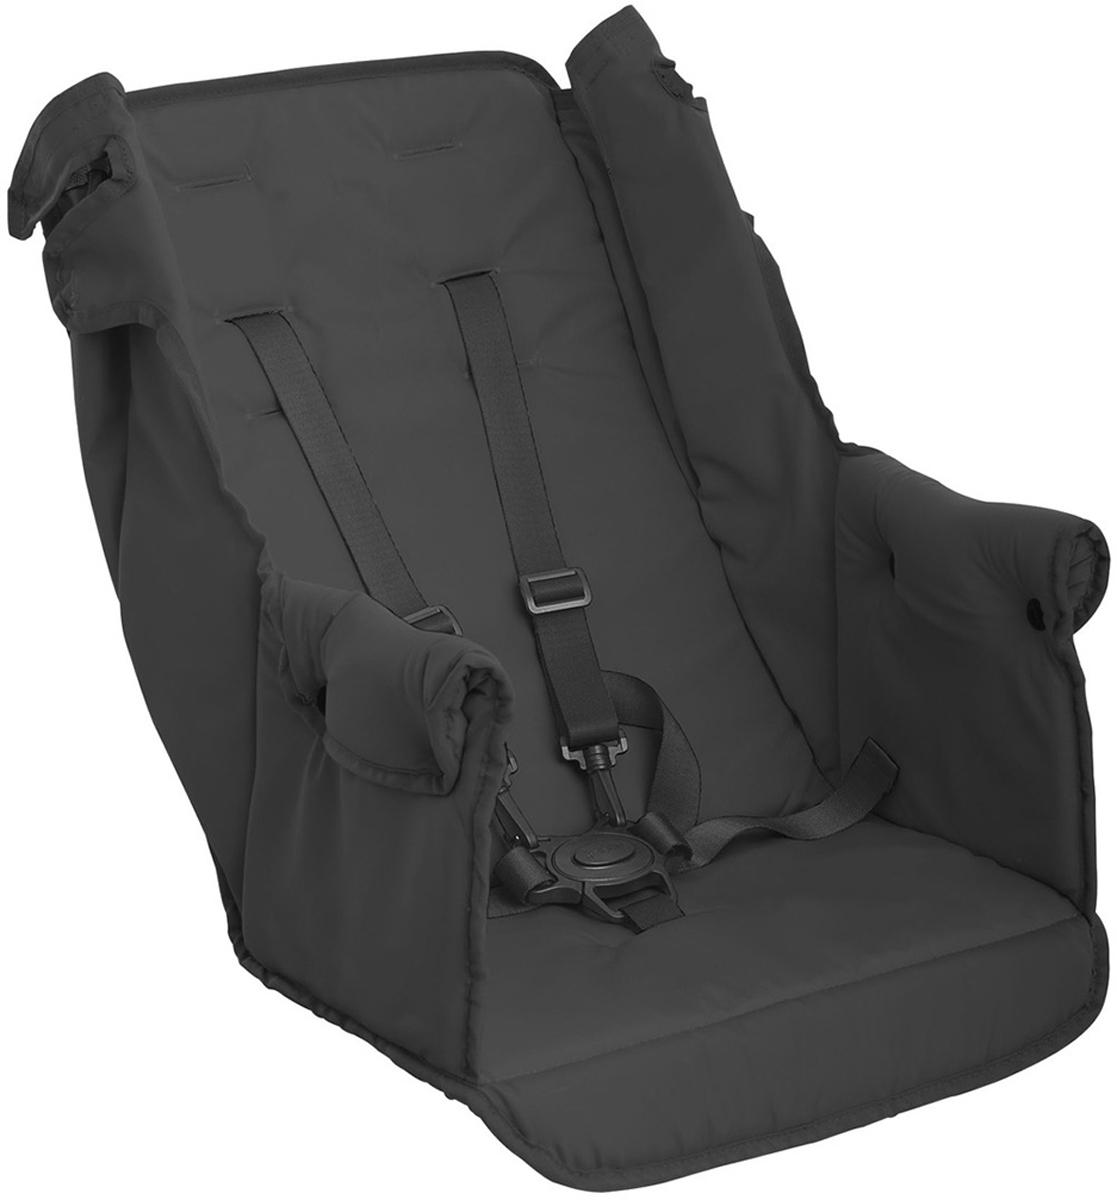 коляски для двойни и погодок Joovy Дополнительное сиденье Too Seat для коляски Caboose цвет черный